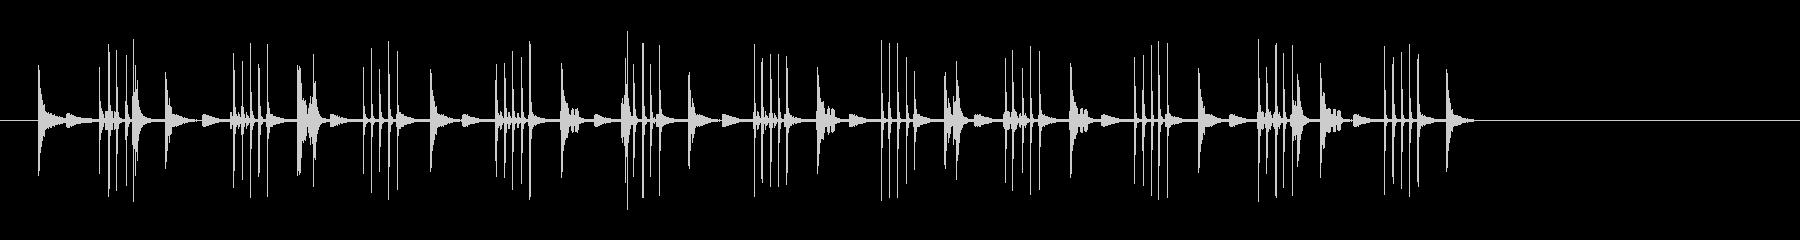 ビープ音の楽しいマシンの未再生の波形